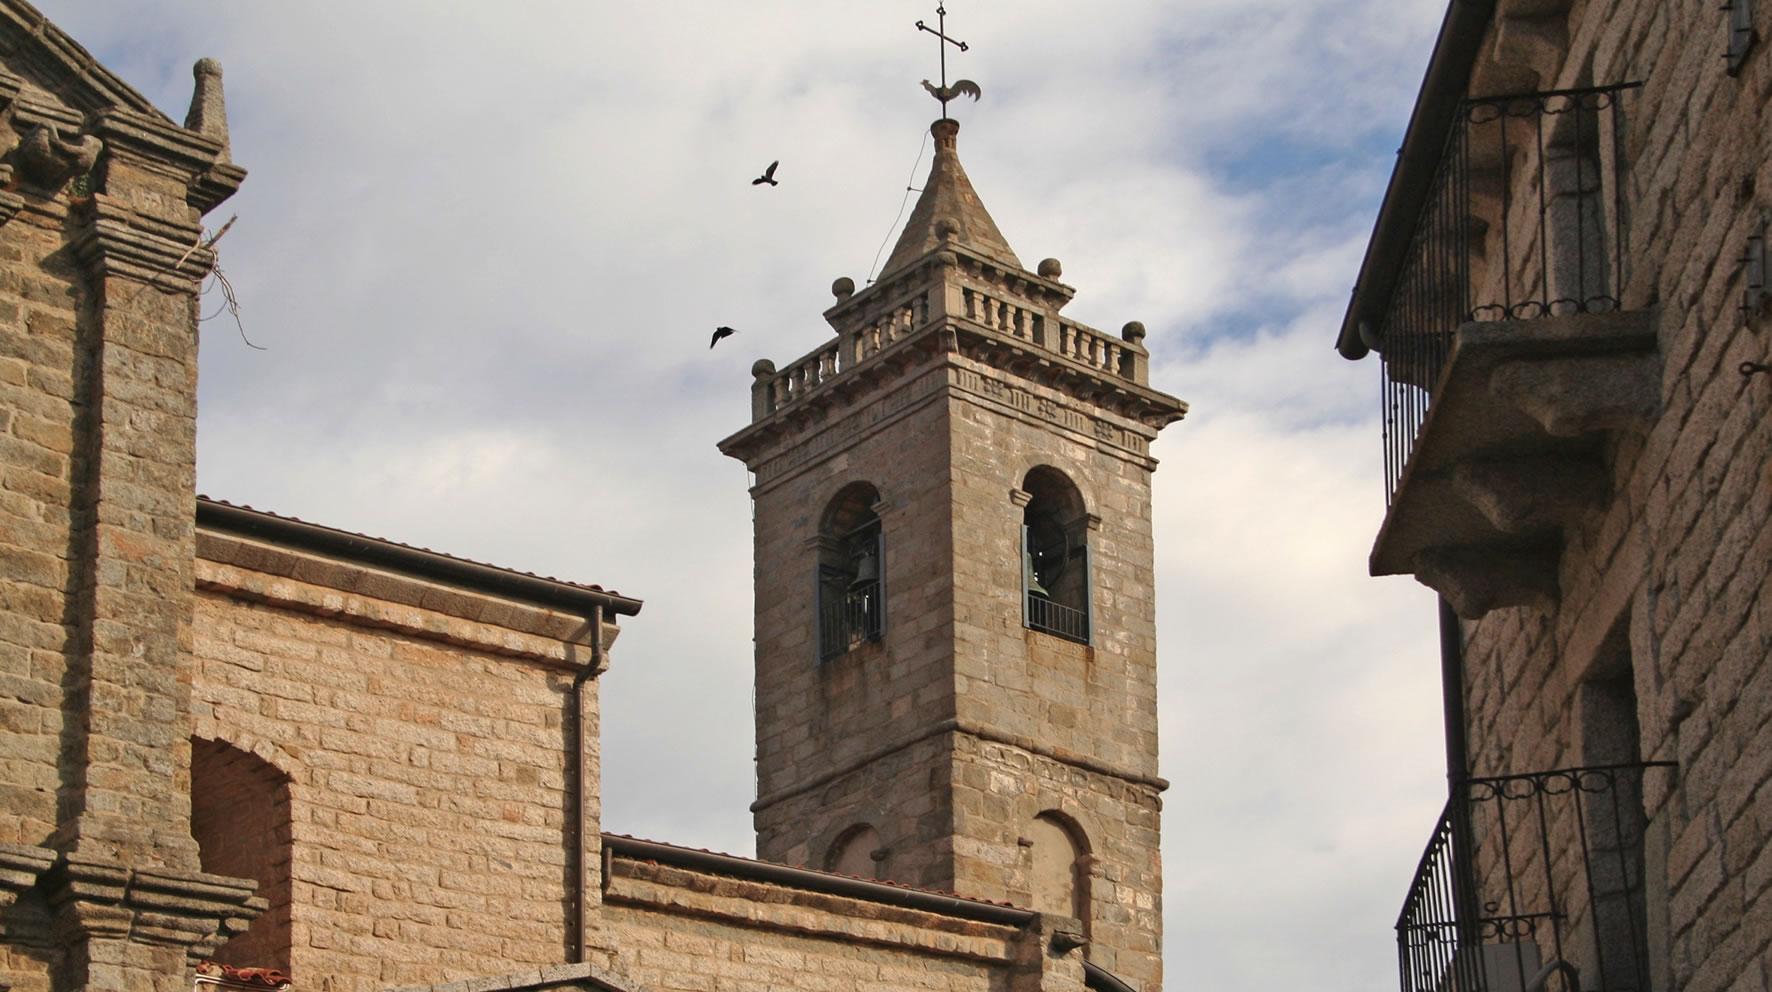 Campanile Chiesa San Pietro, Tempio Pausania